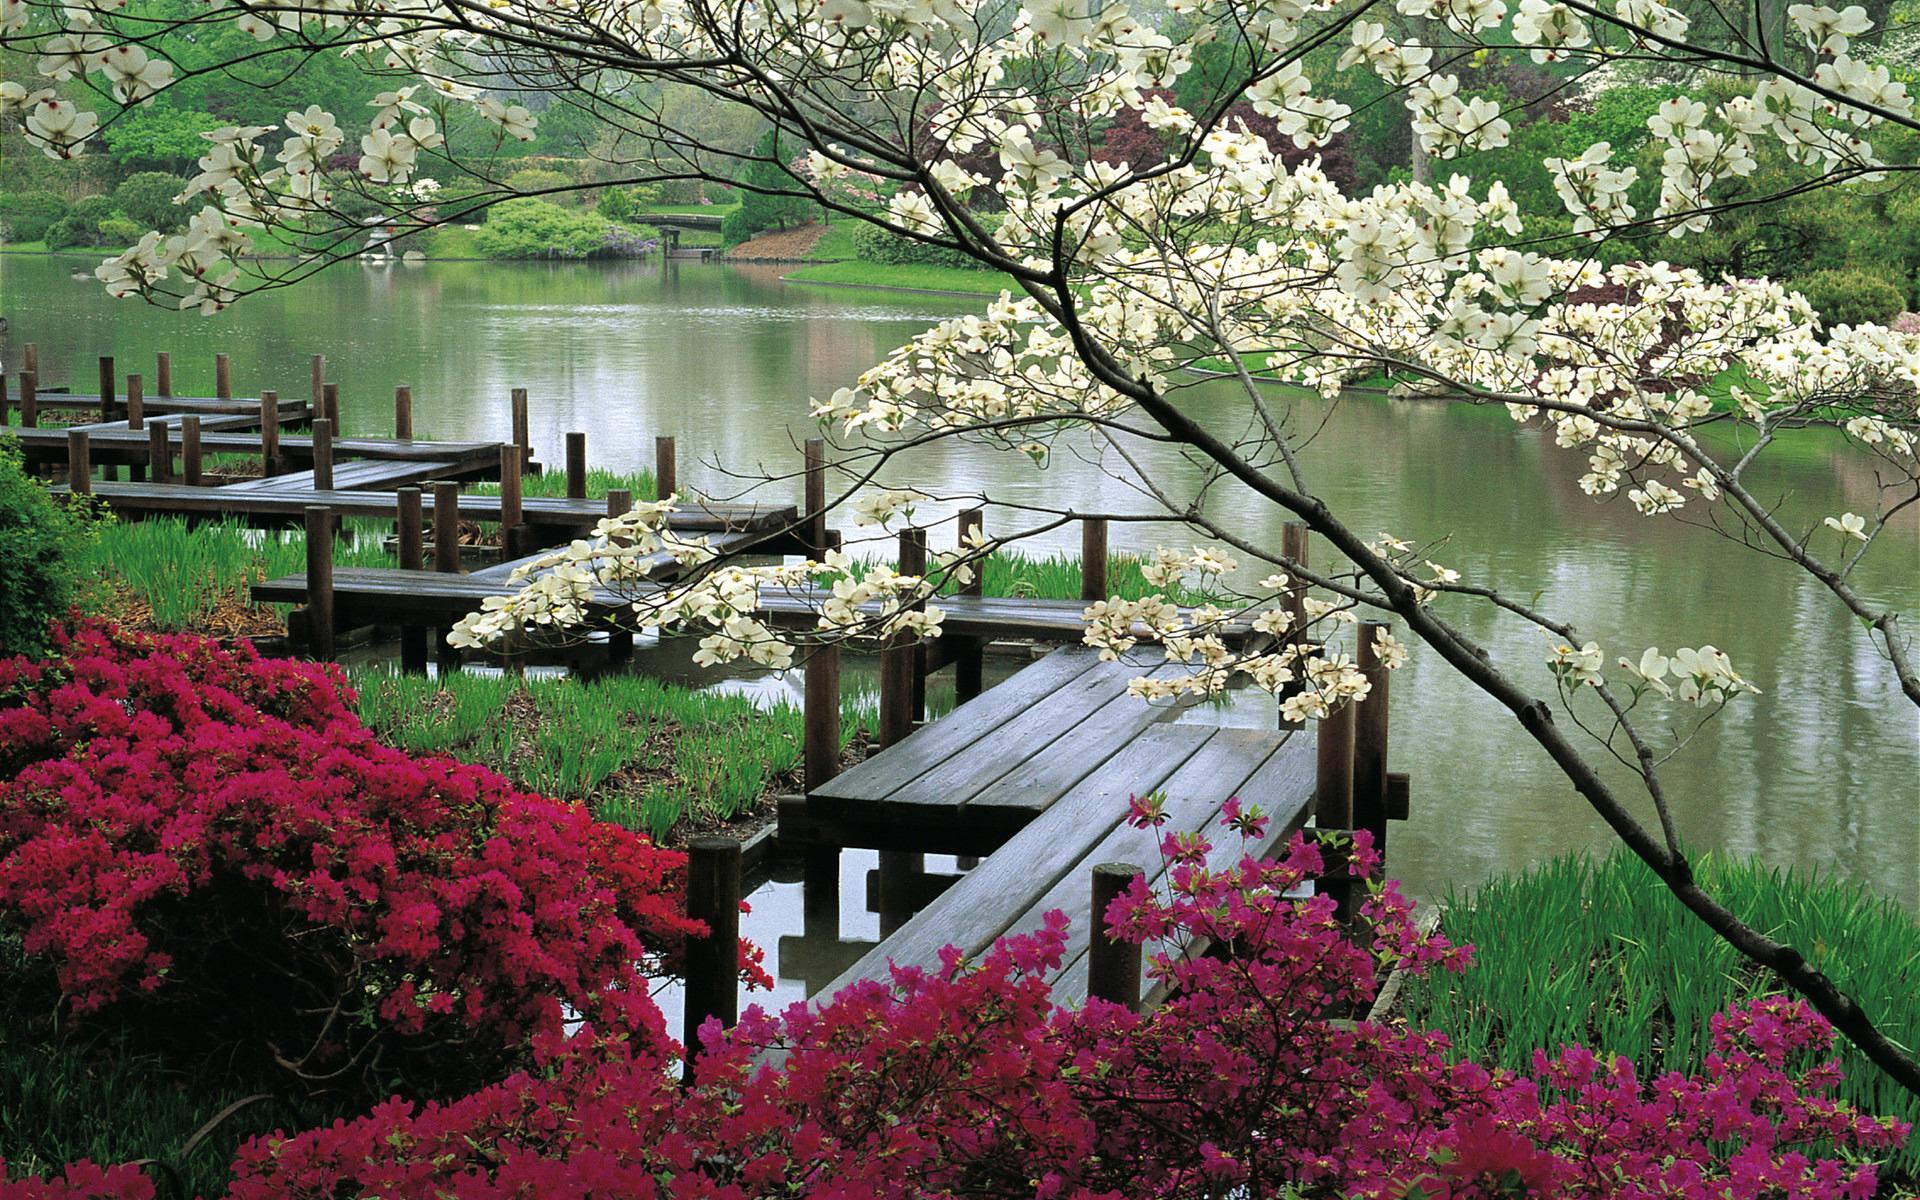 Япония сад цветы деревья вода река